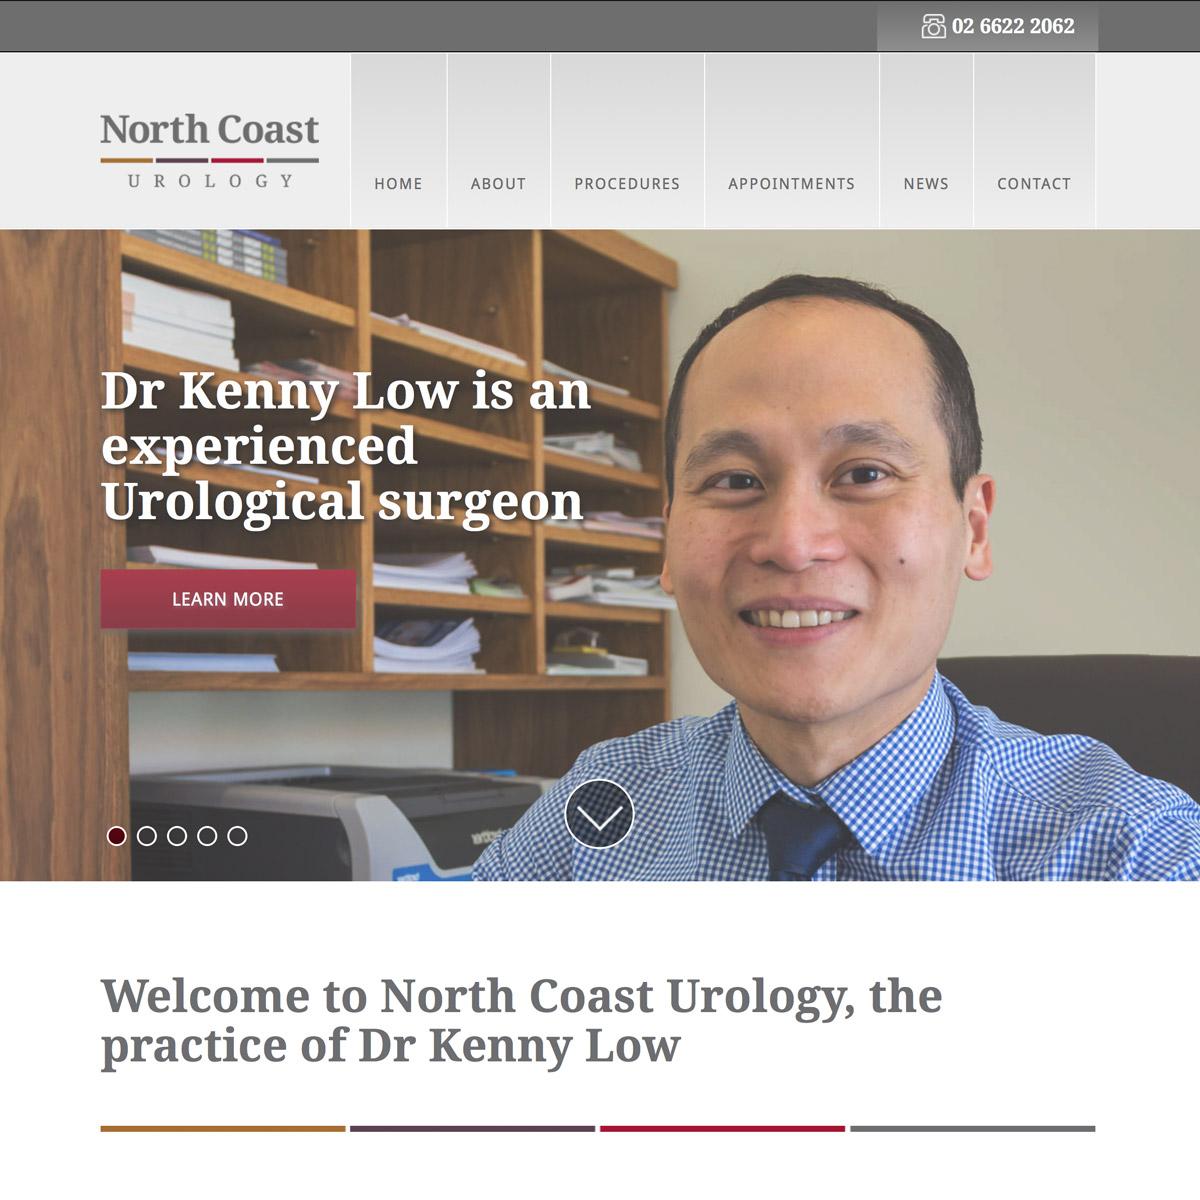 North Coast Urology Home